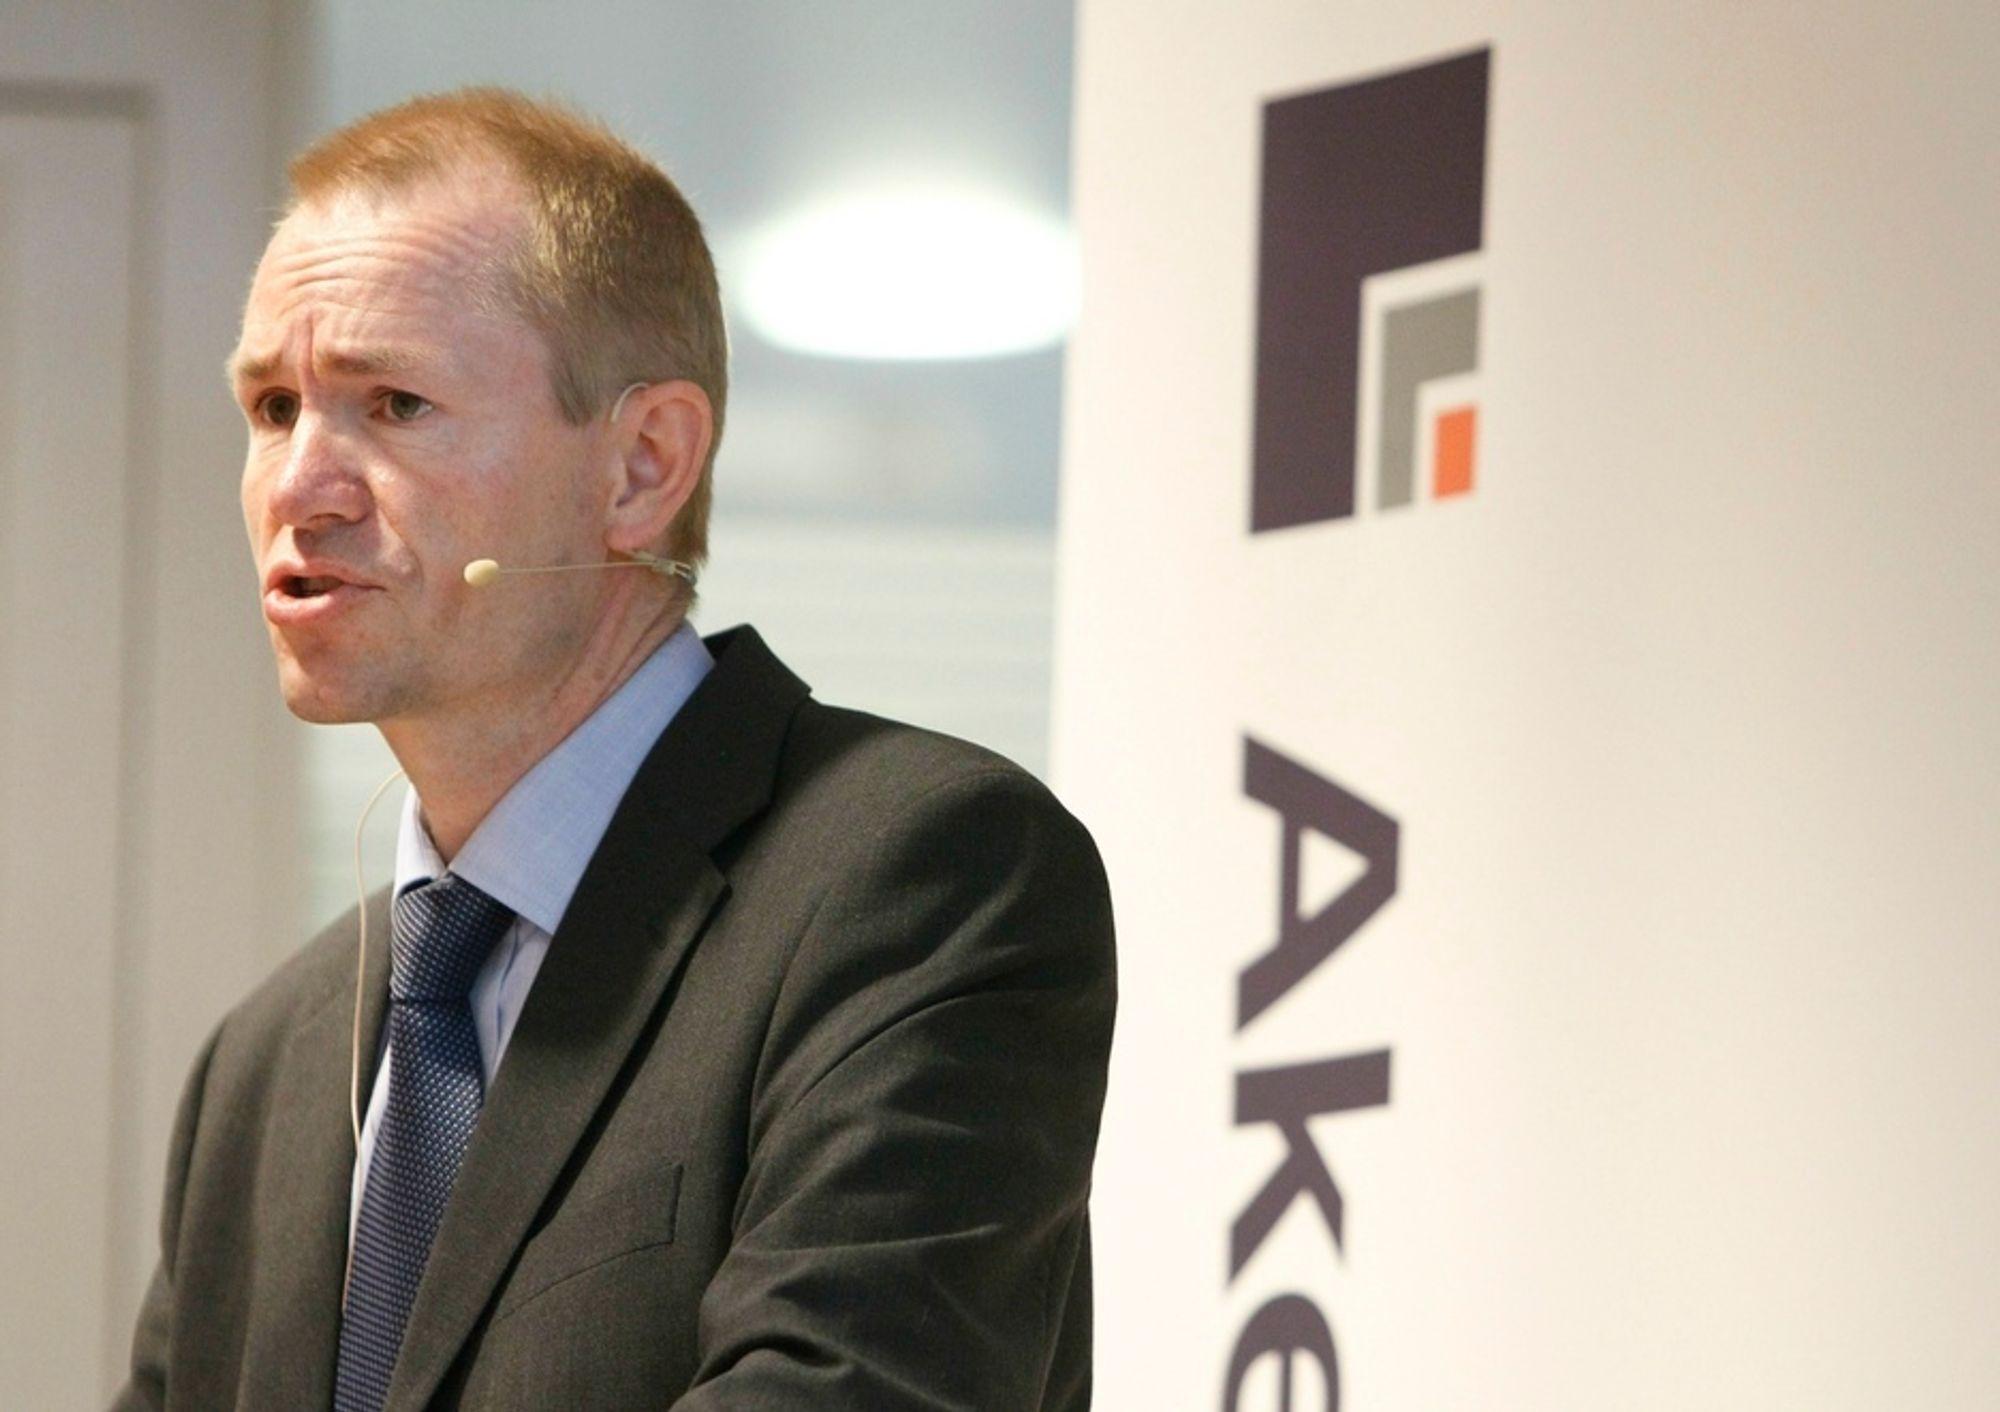 Finansdirektør Leif Borge presenterte et litt svakere resultat en analytikerne hadde ventet for Aker Solutions.